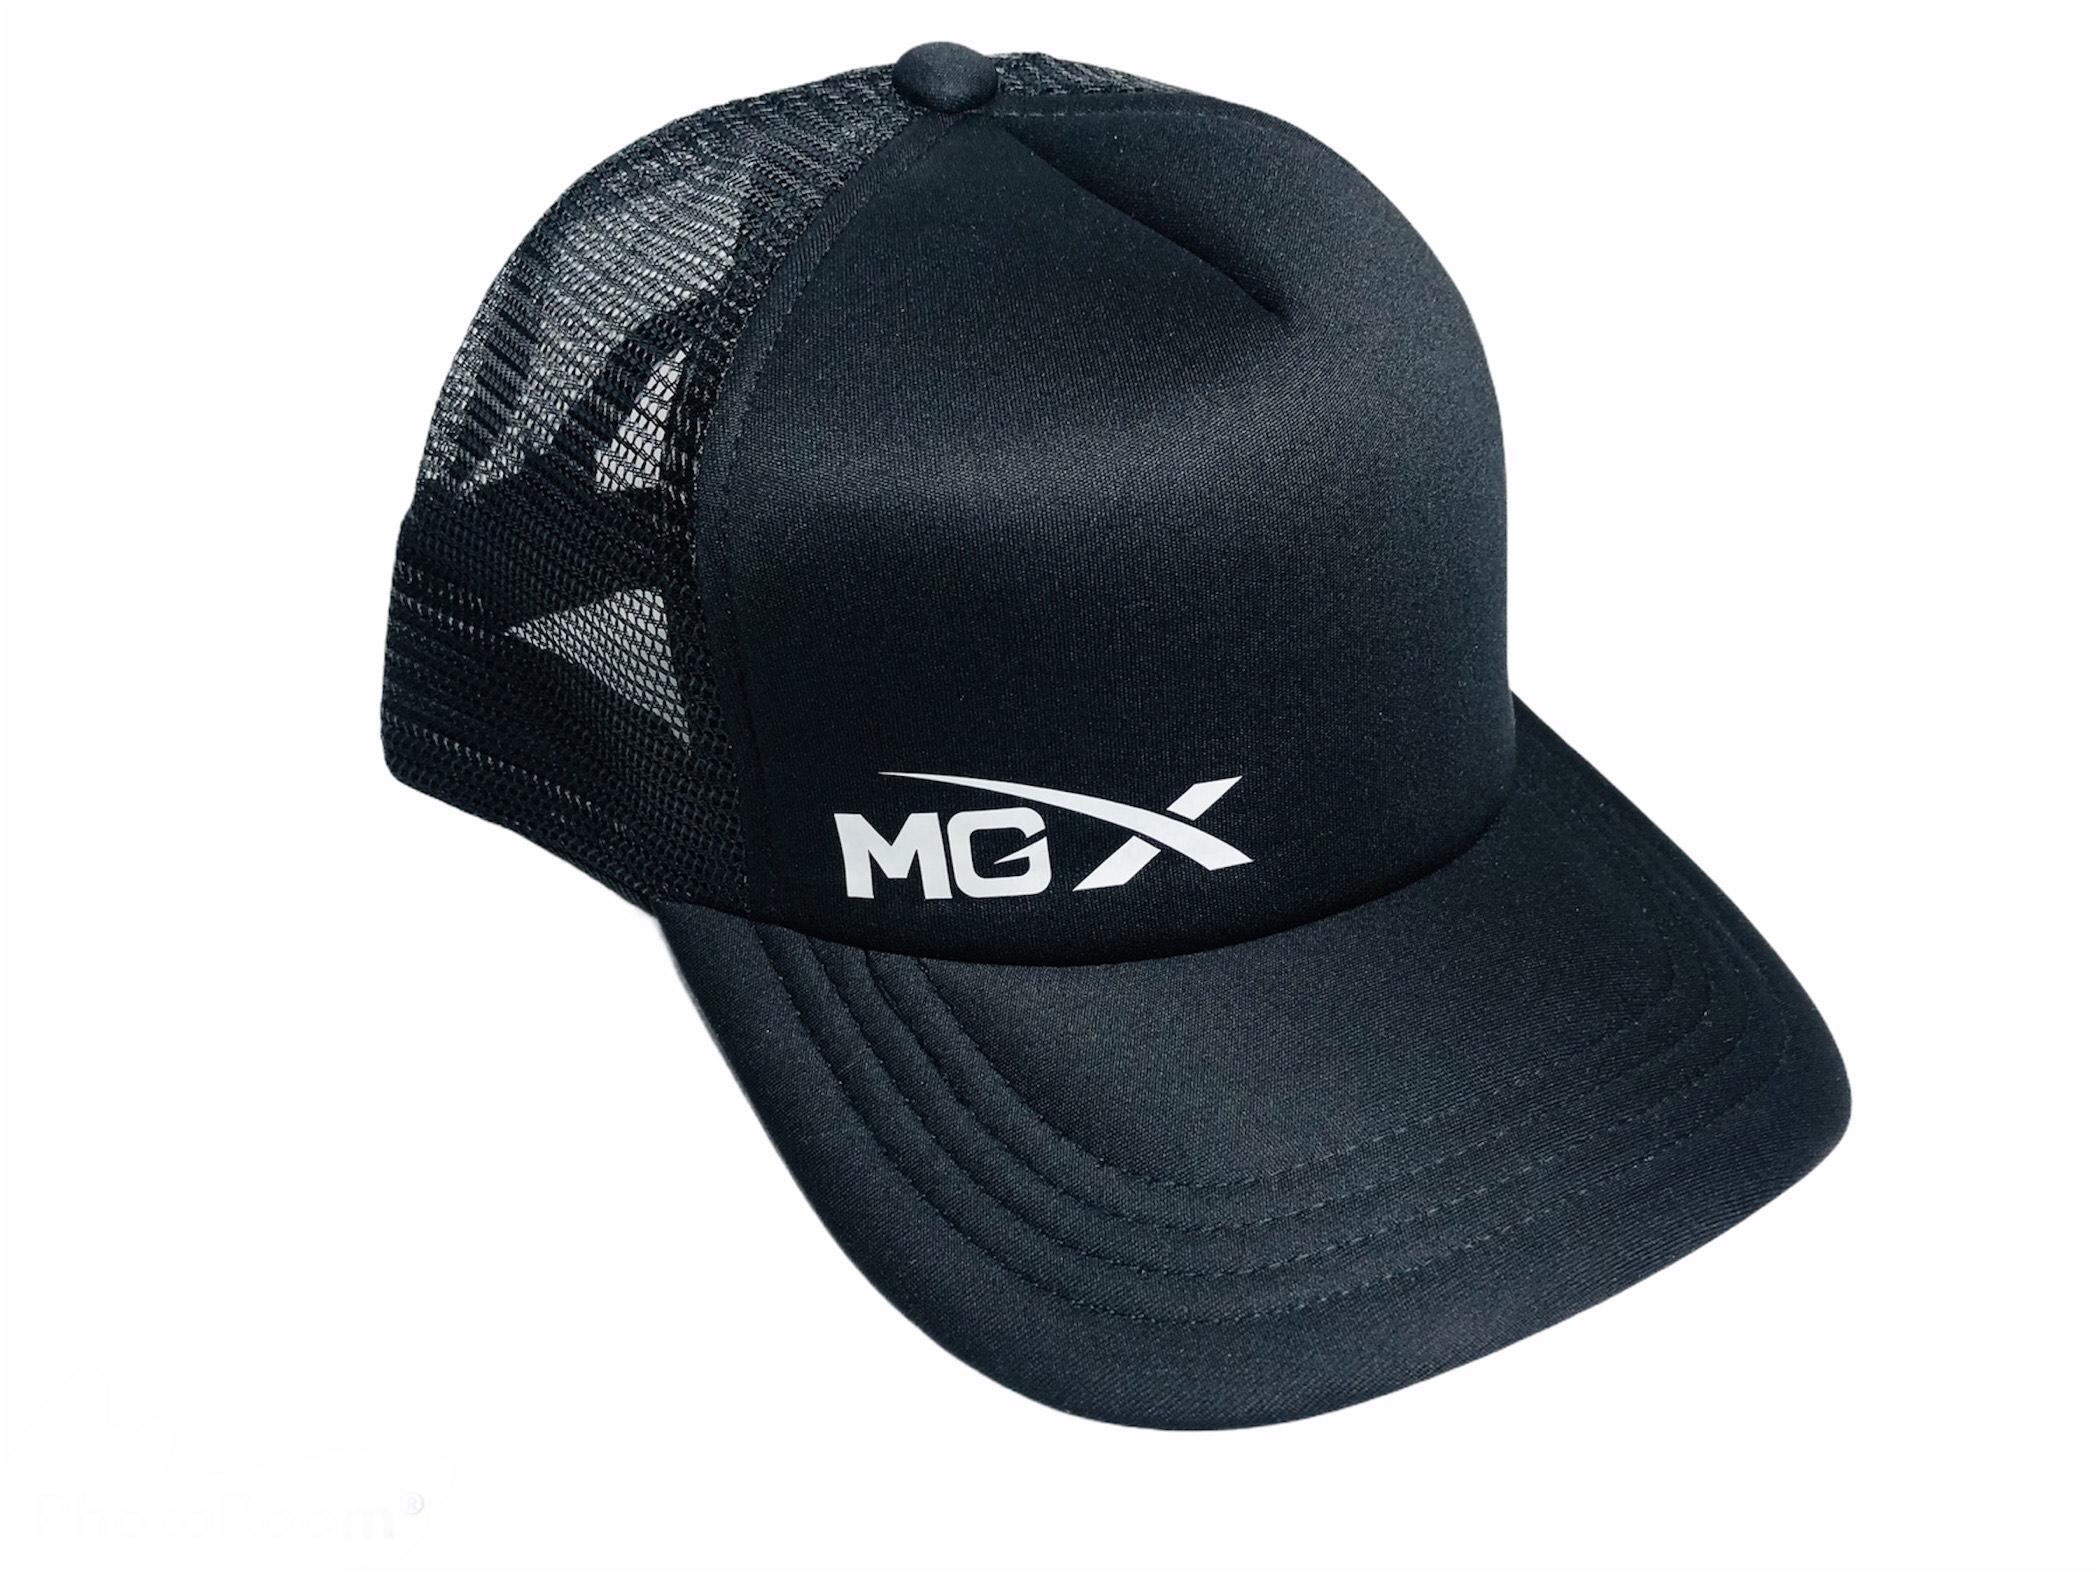 MGX GORRO negro